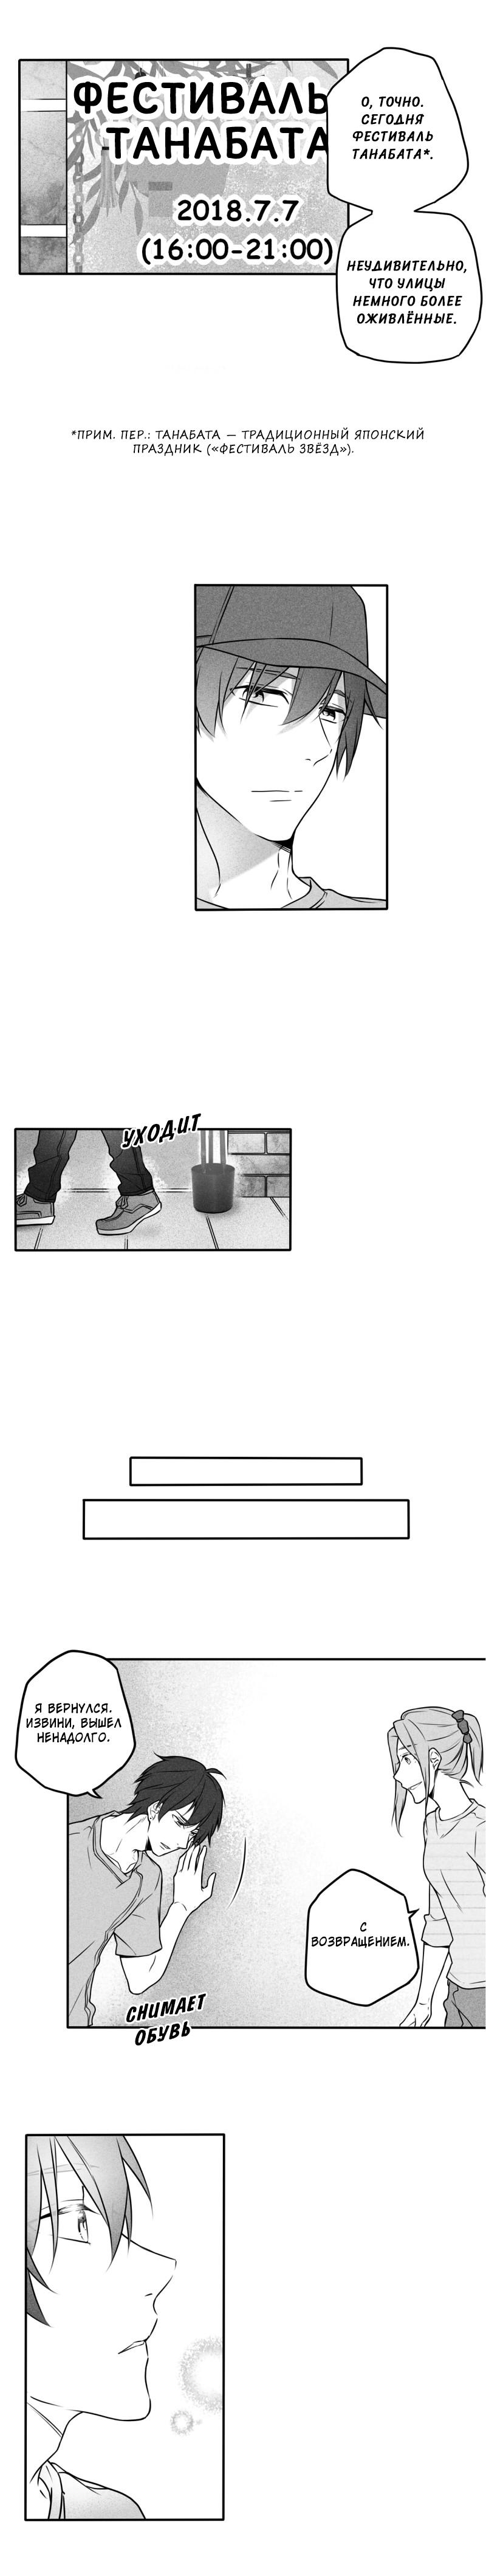 https://r2.ninemanga.com/comics/pic5/23/36439/1465318/1564198419612.png Page 9